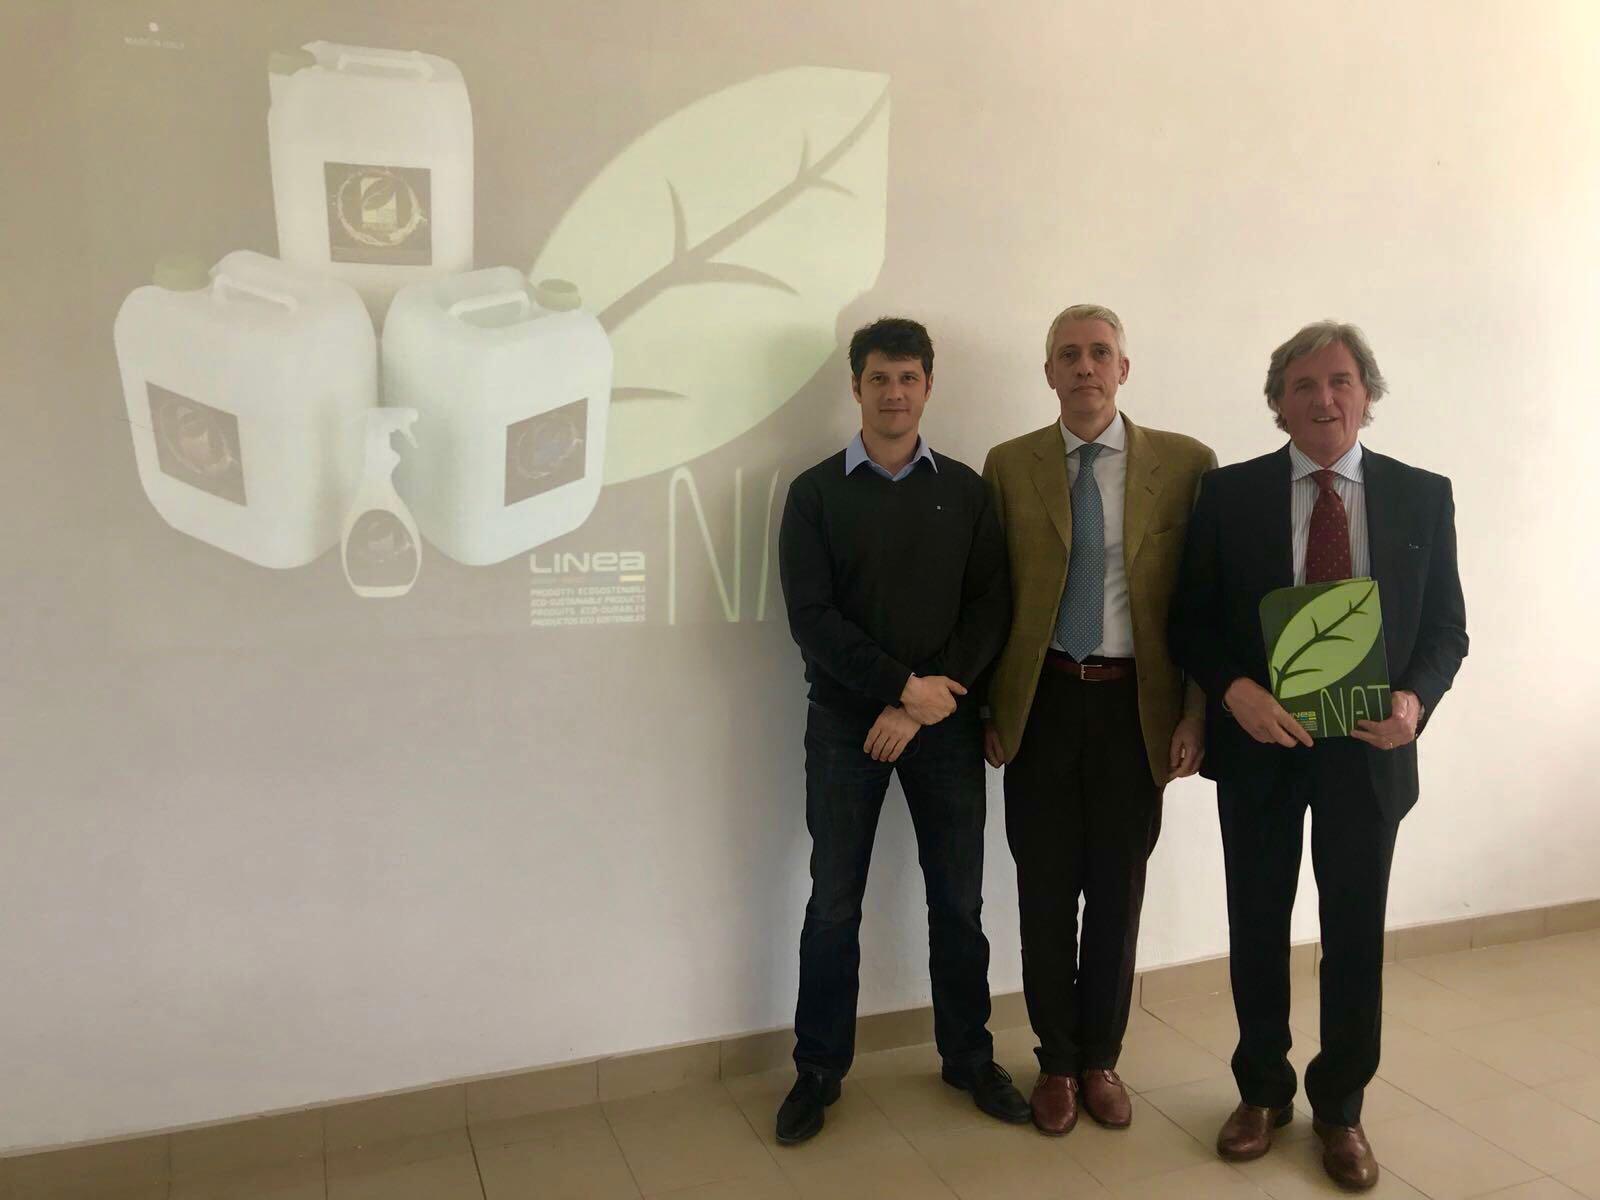 Presentazione Aquafactor e linea NAT a Praga